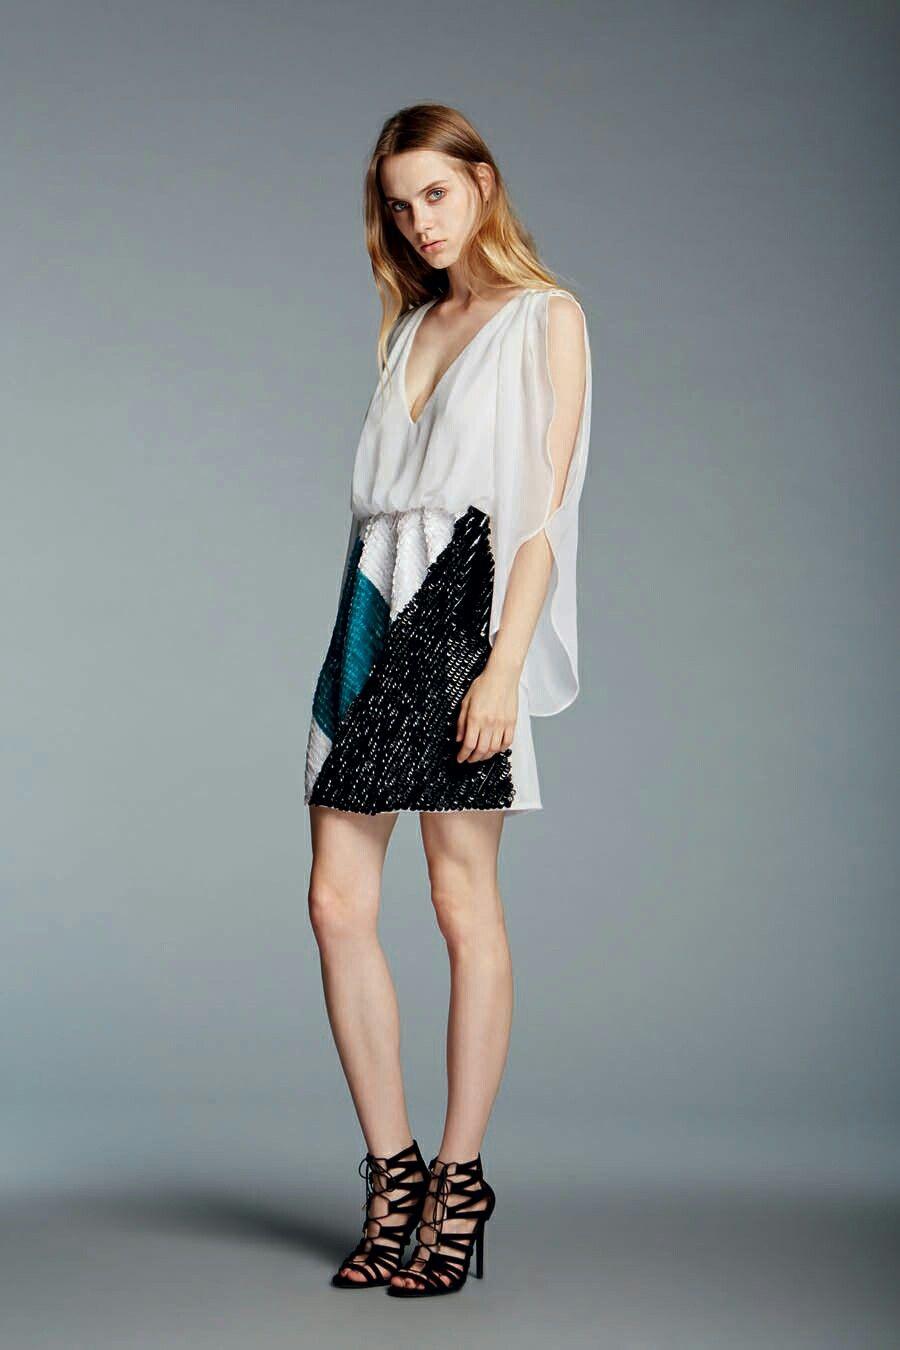 Saturday #night #boutiquegnisci @annaritan_official #dresses #party ...